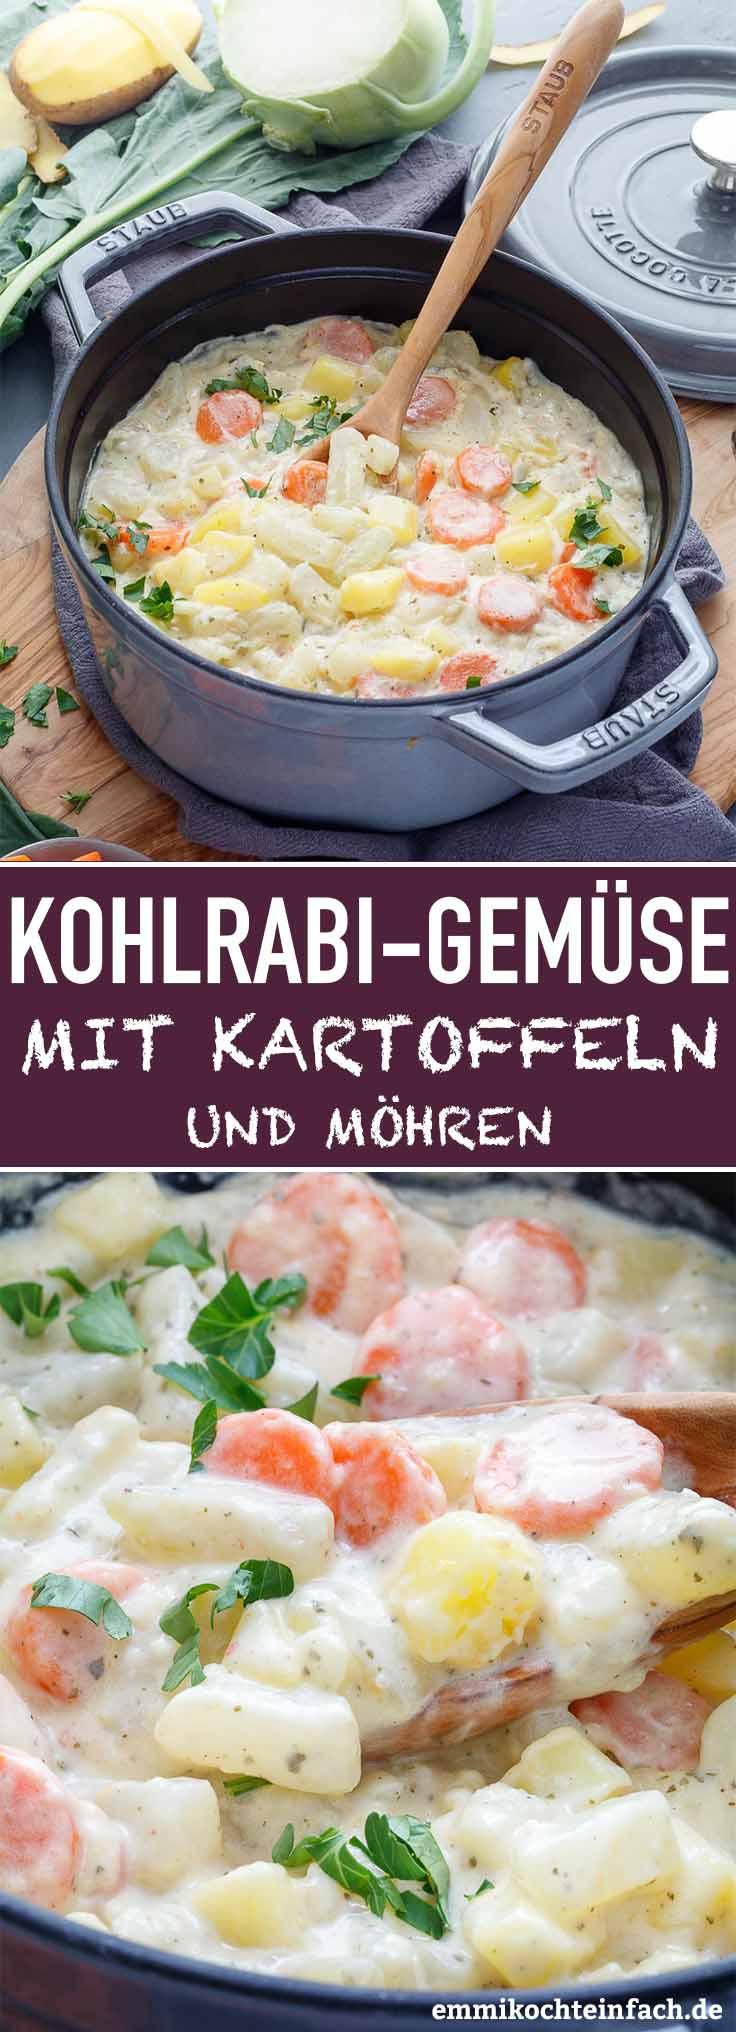 Kohlrabigemüse mit Kartoffeln und Möhren - www.emmikochteinfach.de